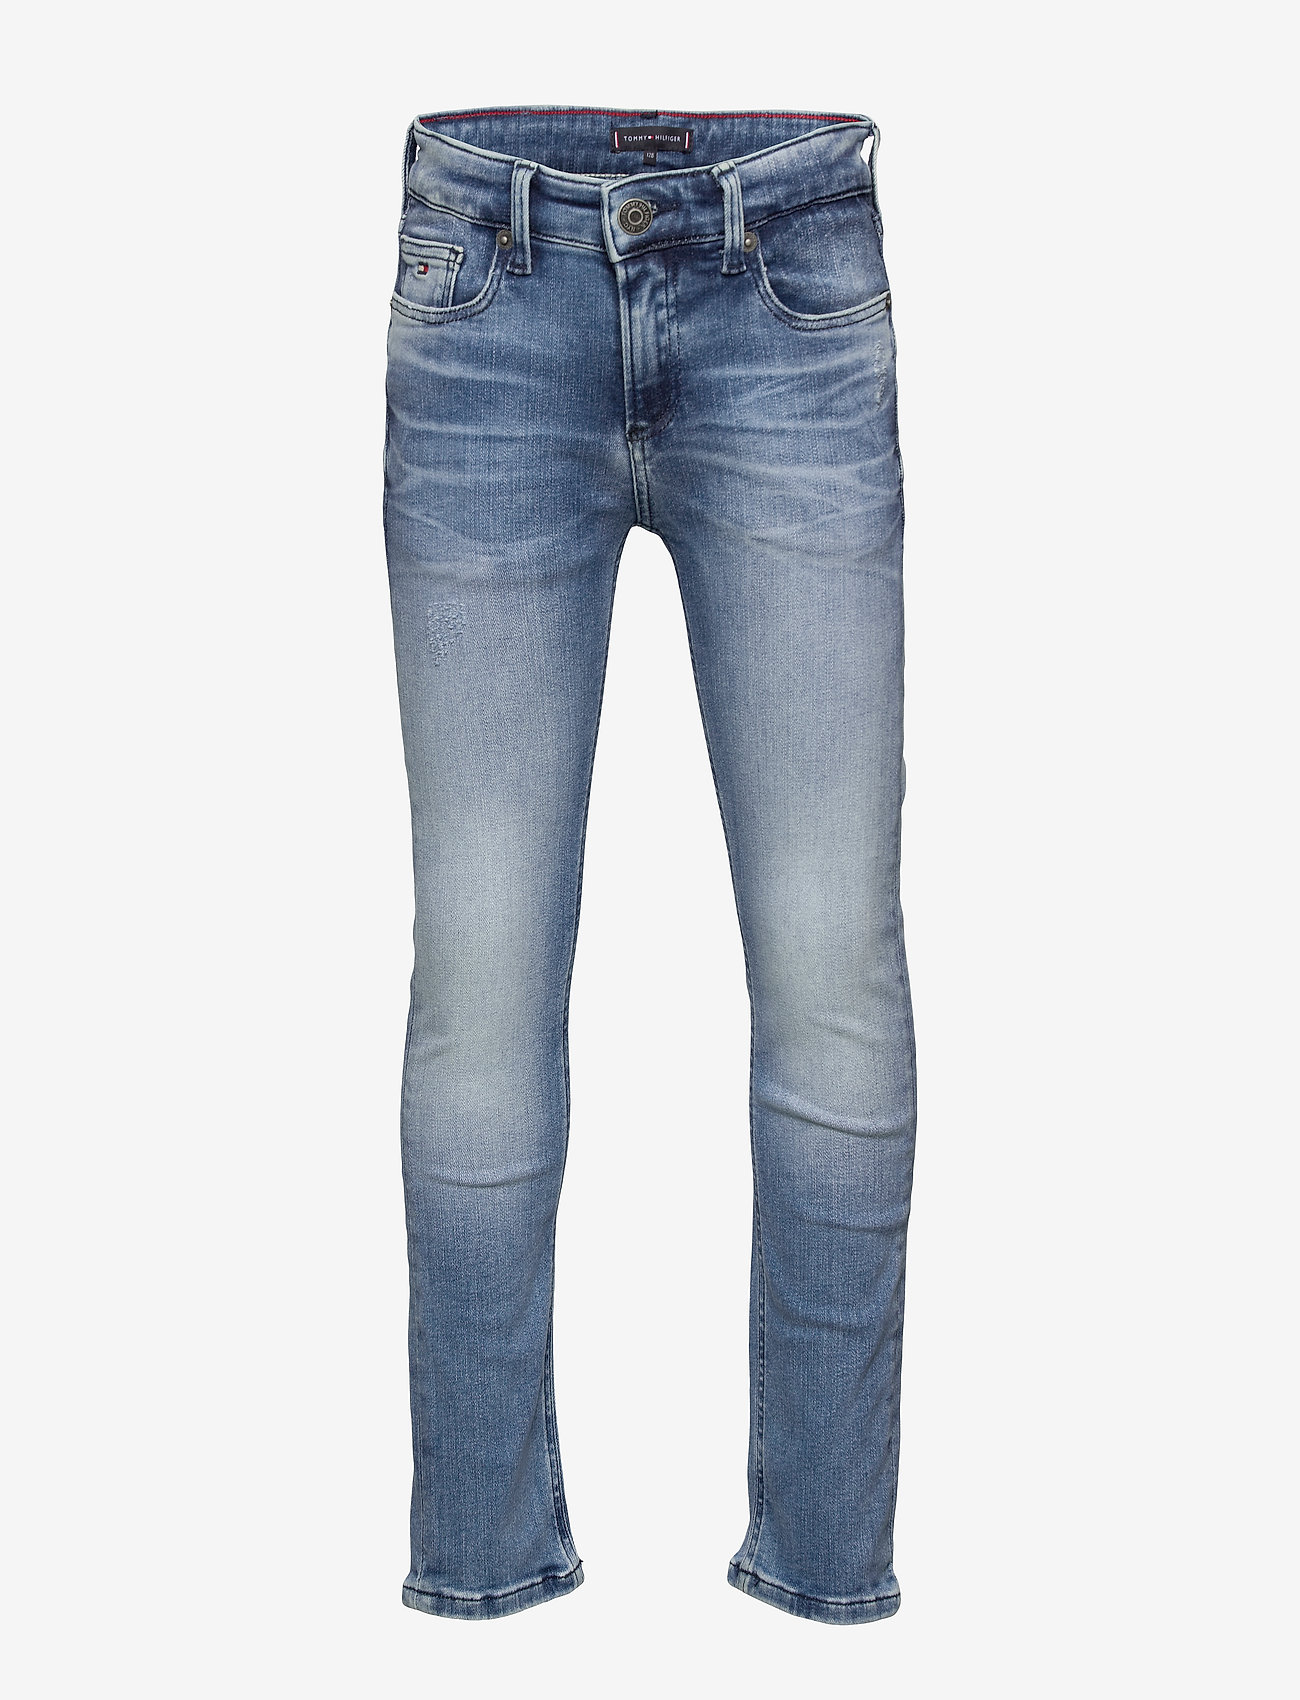 Tommy Hilfiger - SCANTON SLIM RABDST - jeans - rapt blue destructed  stretch - 0